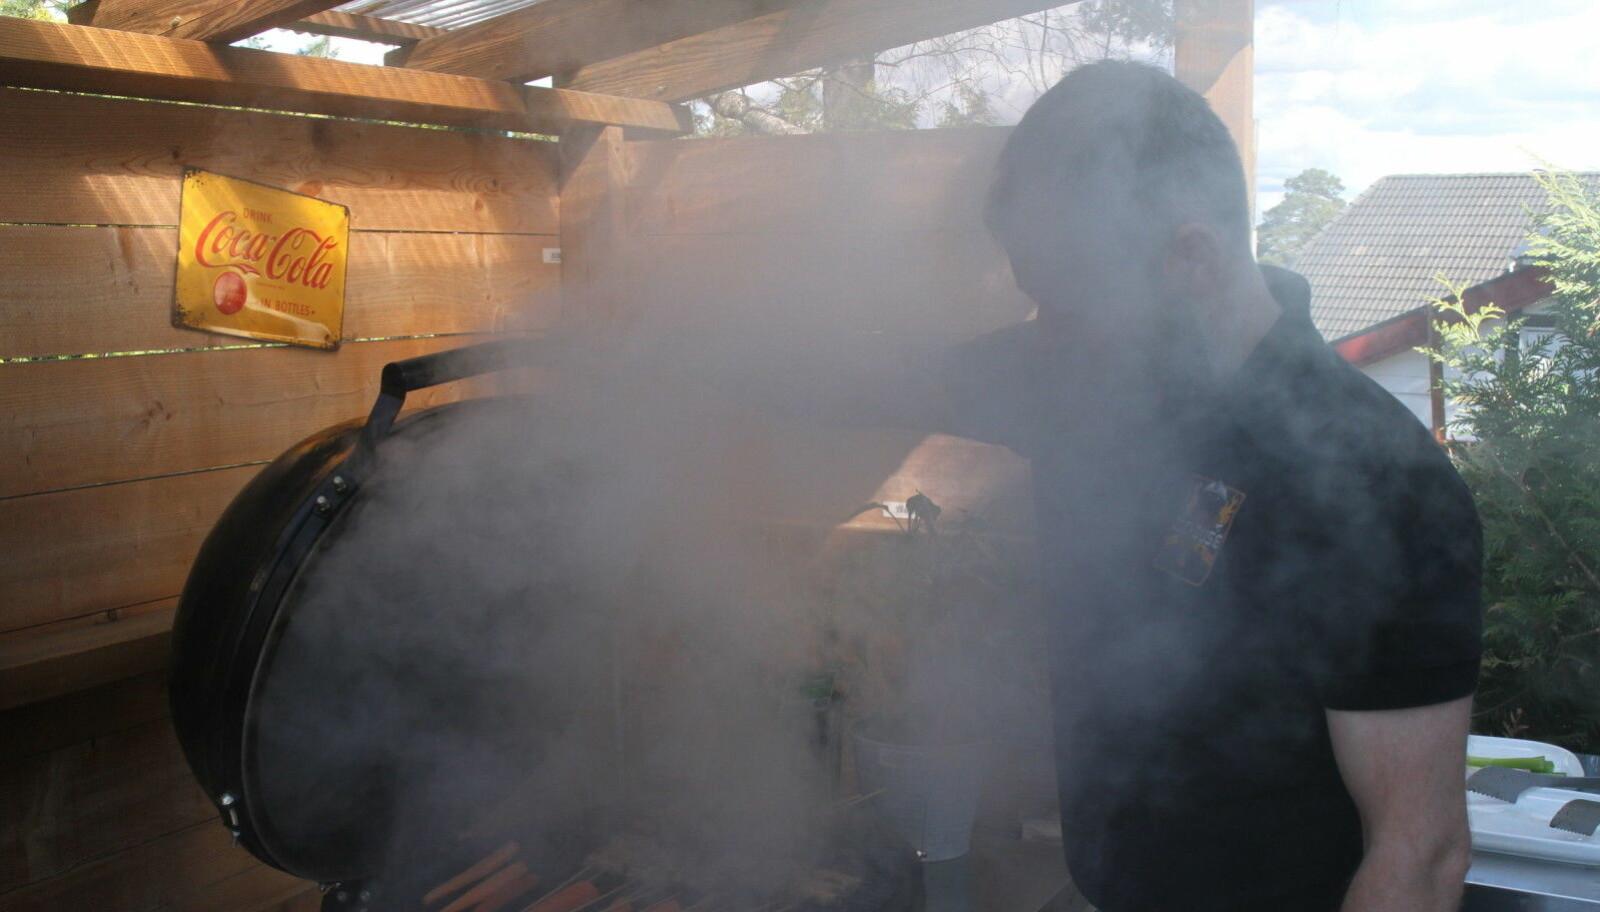 <b>BRUK LOKKET: </b>Jo, røyk er bra. Bruk lokket anbefaler grillentusiast Eirik Kittelsen.